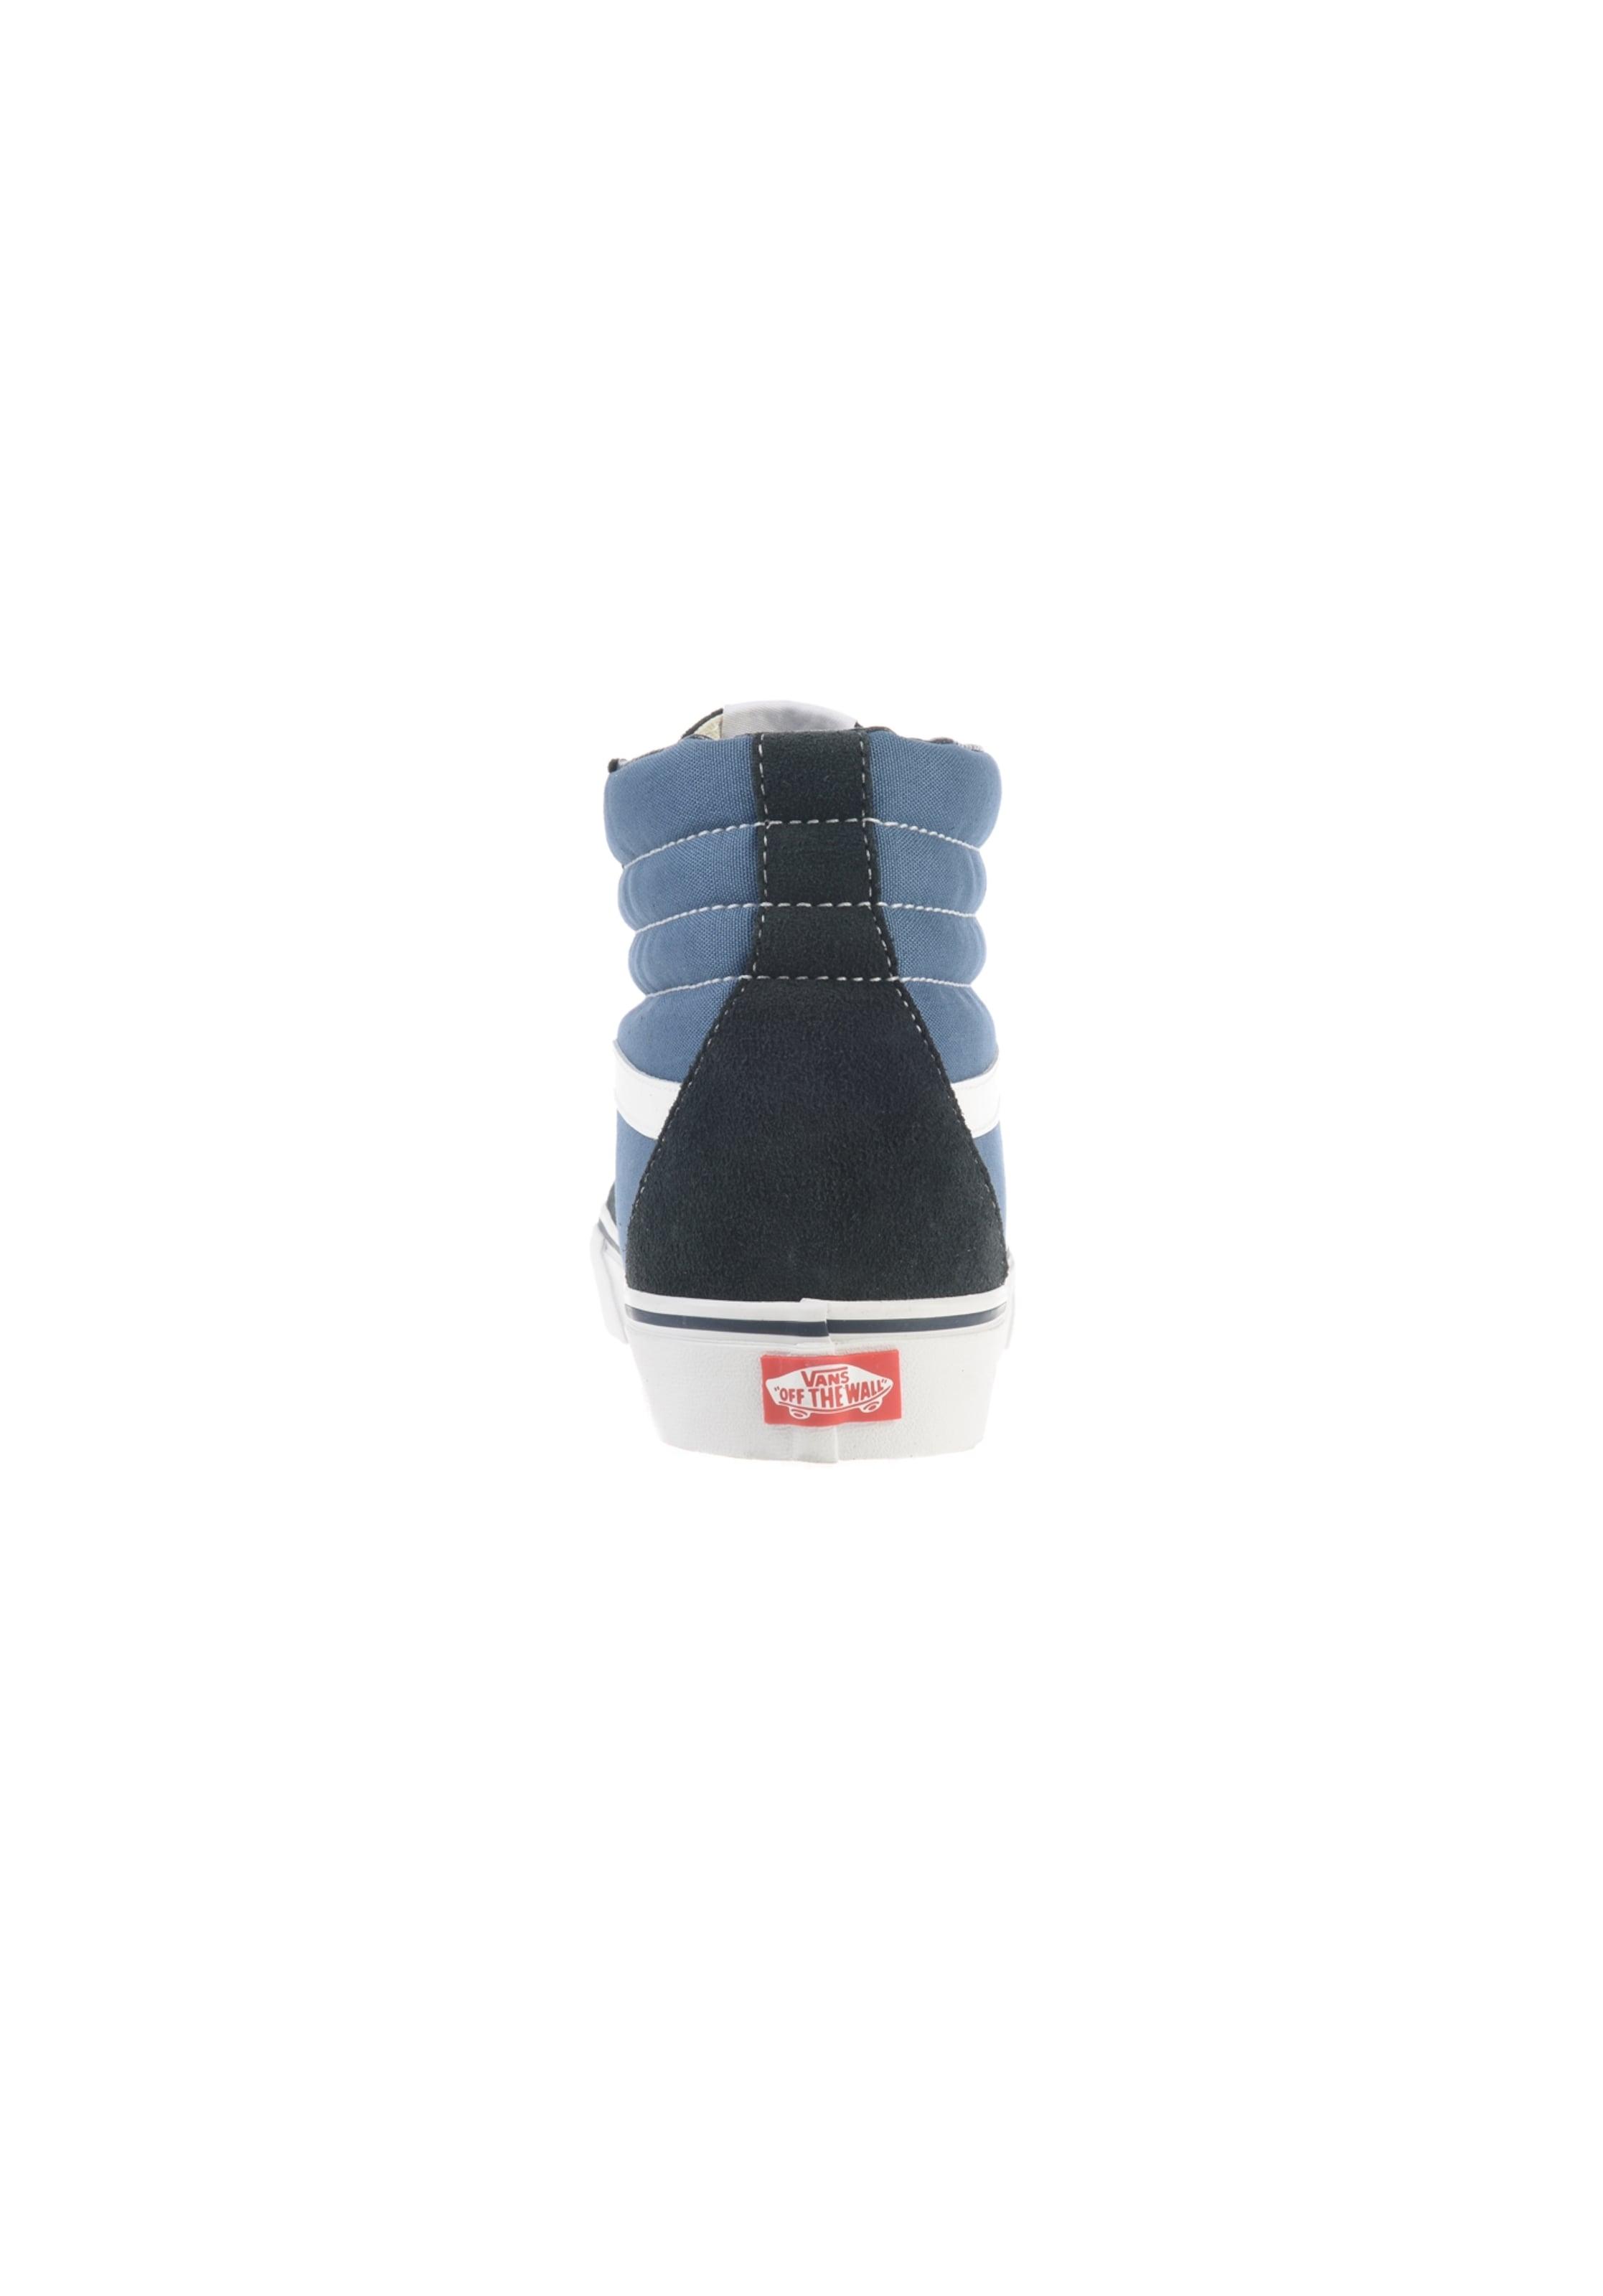 In Vans Weiß BlauDunkelblau Sneaker 'sk8 hi' Ybgyf76v